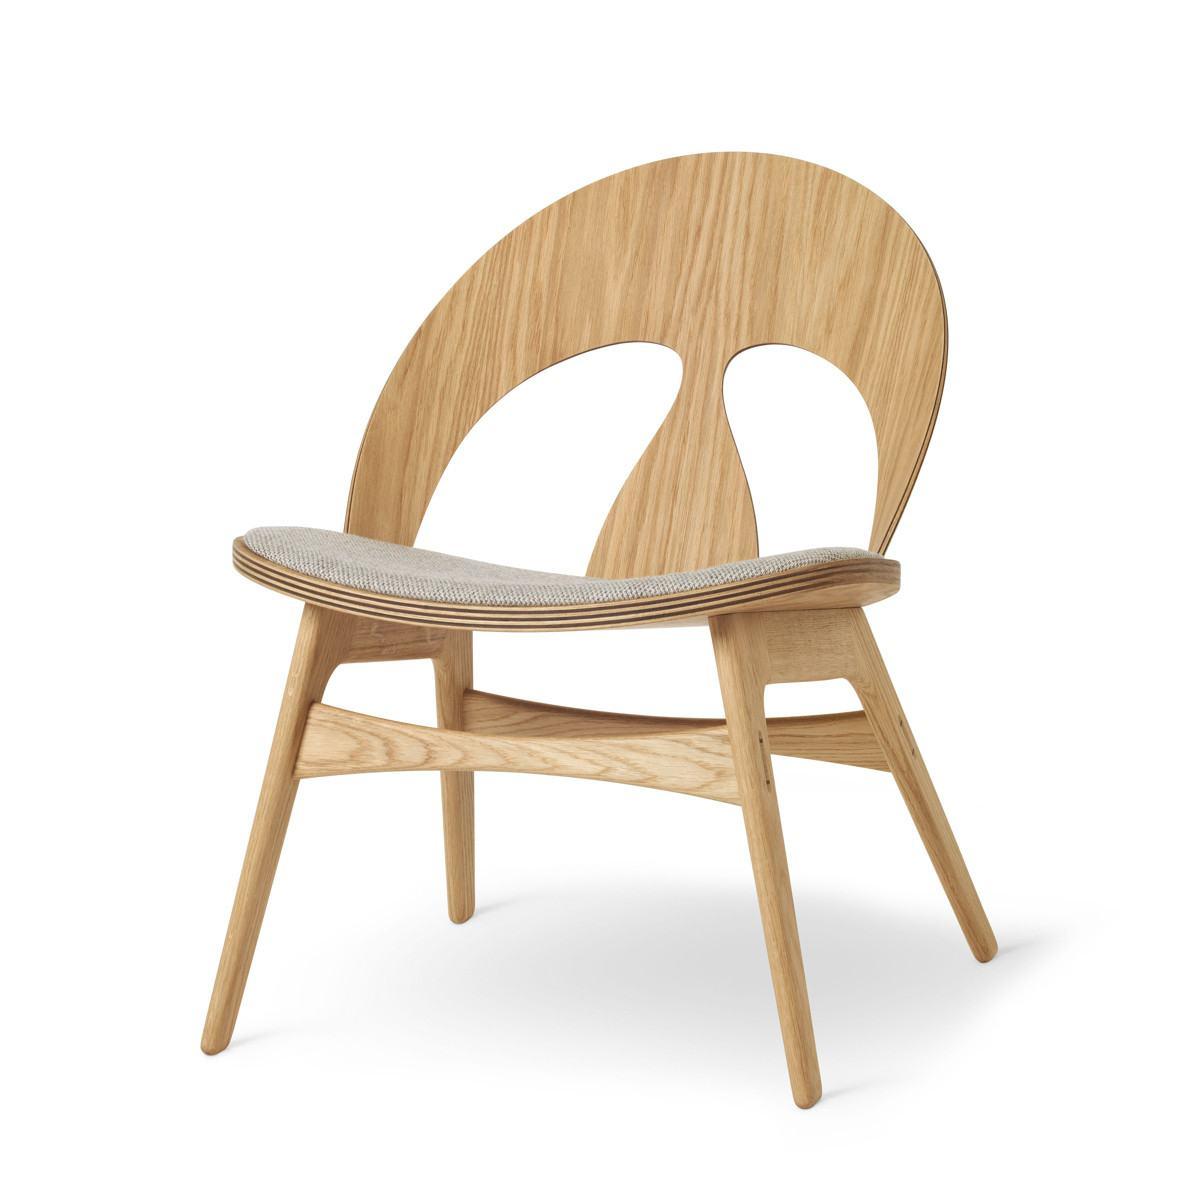 Carl Hansen BM0949 Lounge Chair